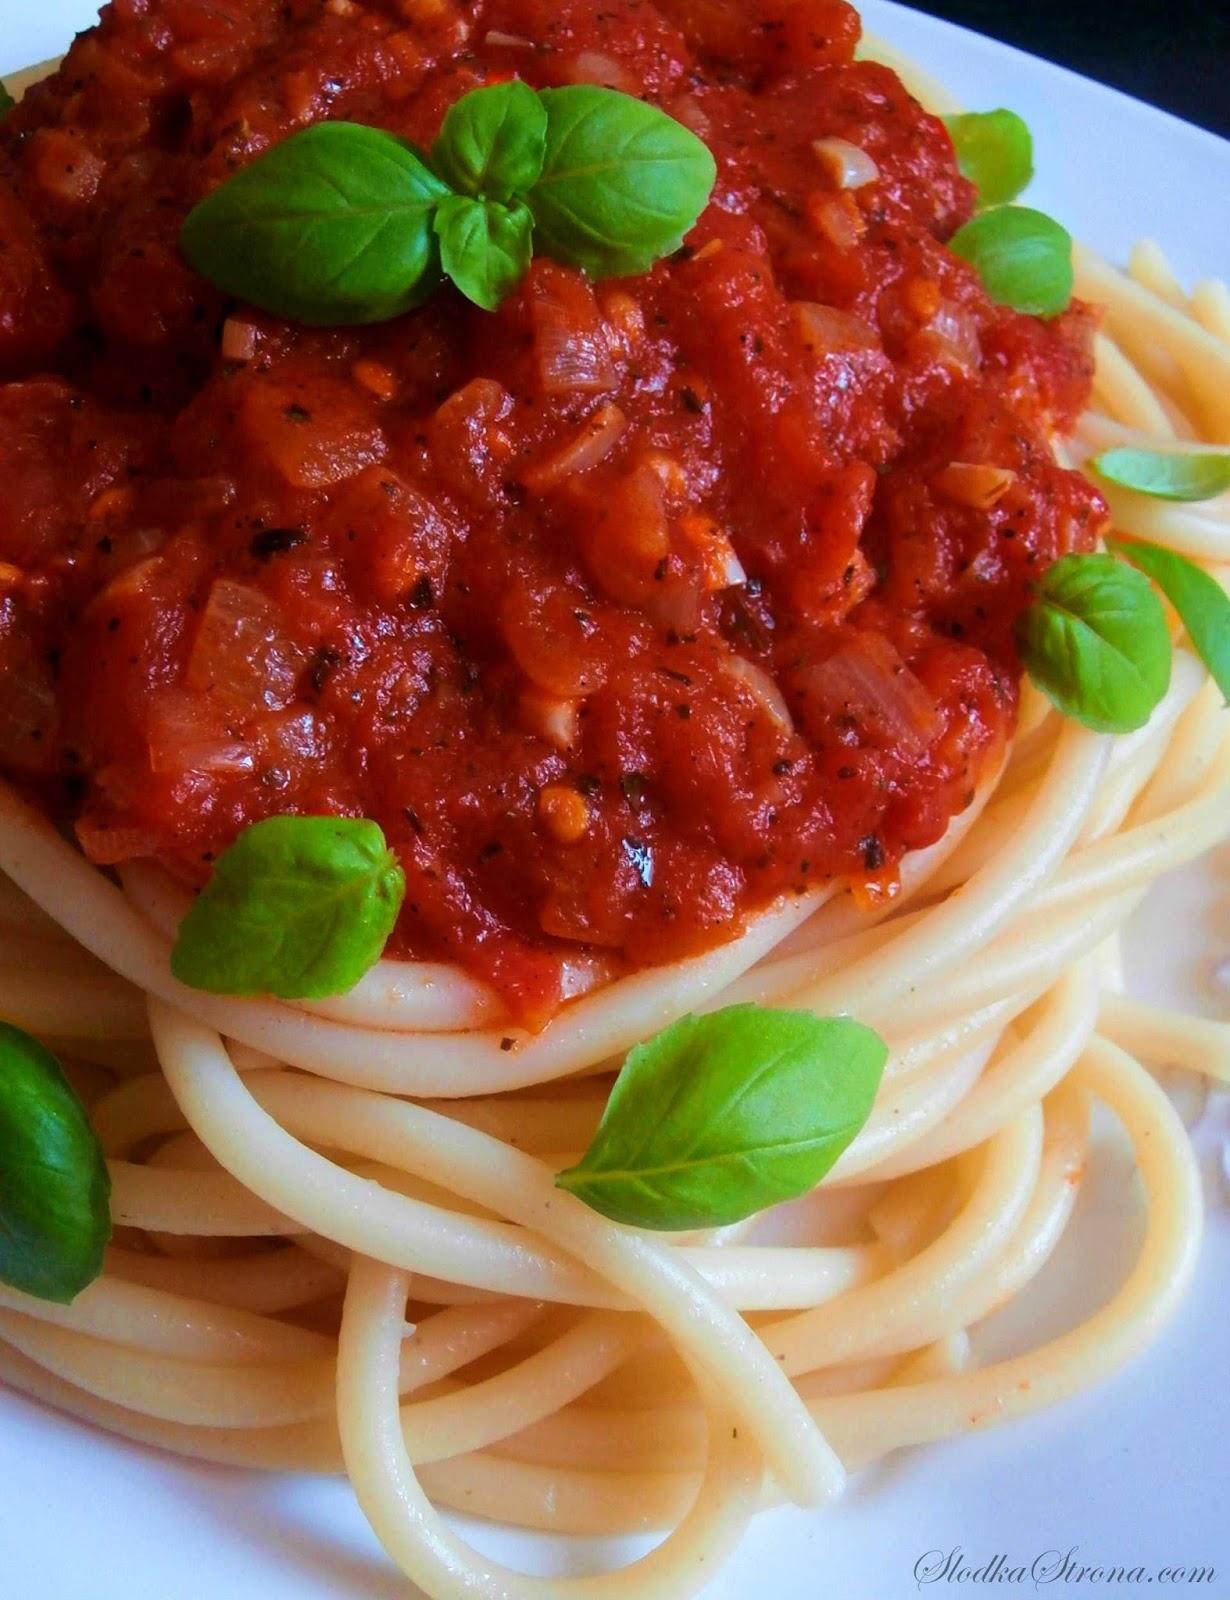 Makaron z Sosem Pomidorowym - Przepis - Słodka Strona, Makaron z Sosem Pomidorowym to jedno z najprostszych i najszybszych dań jakie możemy przygotować w naszych domach. Potrawa ta, mimo swej prostoty jest bardzo smaczna i na pewno jest świetnym pomysłem na błyskawiczny, codzienny obiad.  makaron z sosem pomidorowym, makaron z sosem pomidorowym przepis, makaron z pomidorami, spaghetti z sosem pomidorowym, spaghetti z pomidorami, spaghetti z sosem, sos do spaghetti, sos pomidorowy do spaghetti, sos pomidorowy do makaronu, sos pomidorowy do makaronu przepis, sos do spaghetti przepis